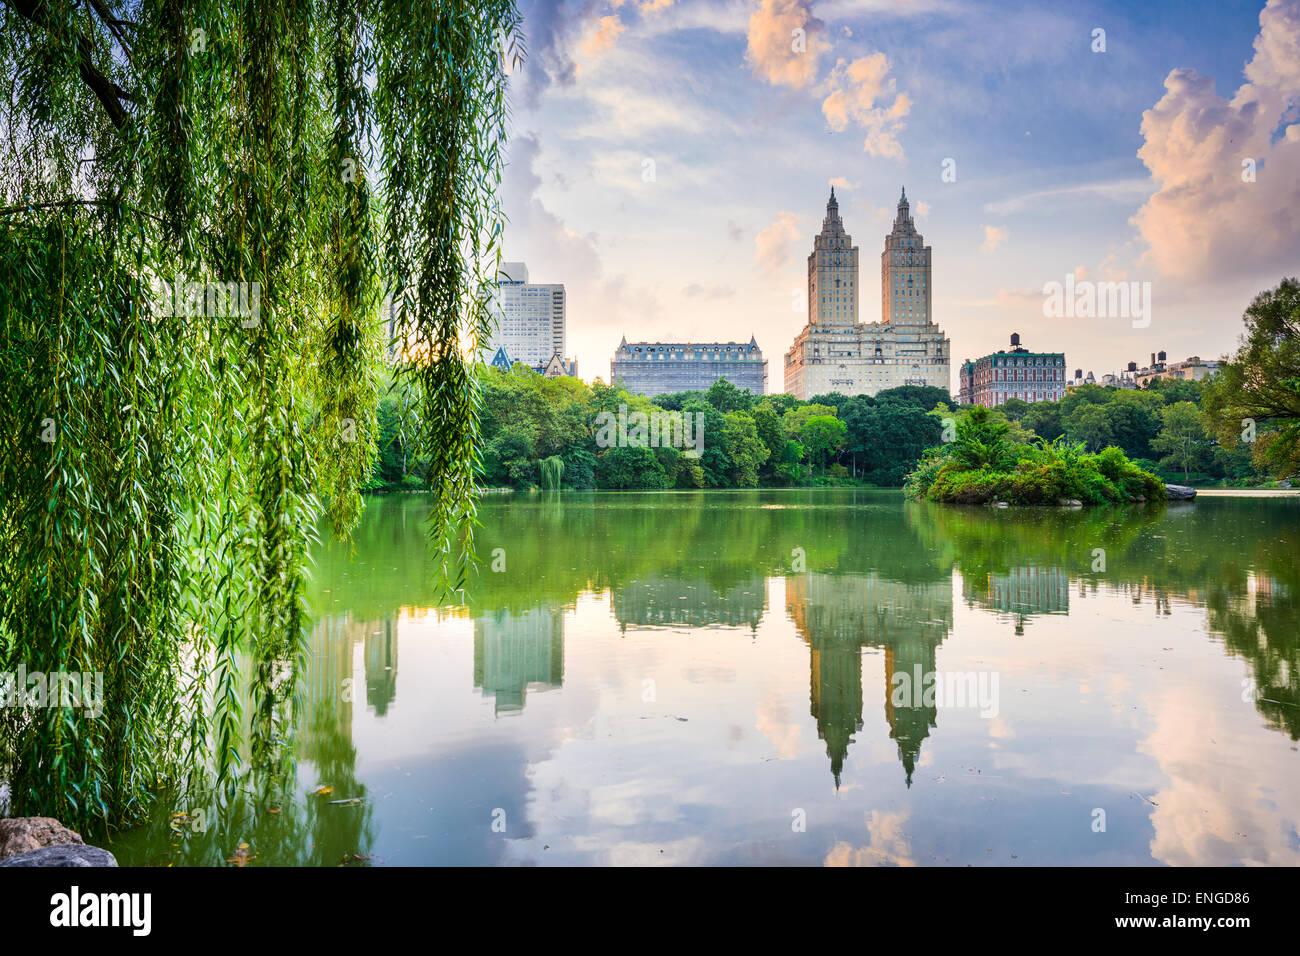 La città di New York, Stati Uniti d'America presso la Central Park Lake e Upper West Side skyline. Immagini Stock